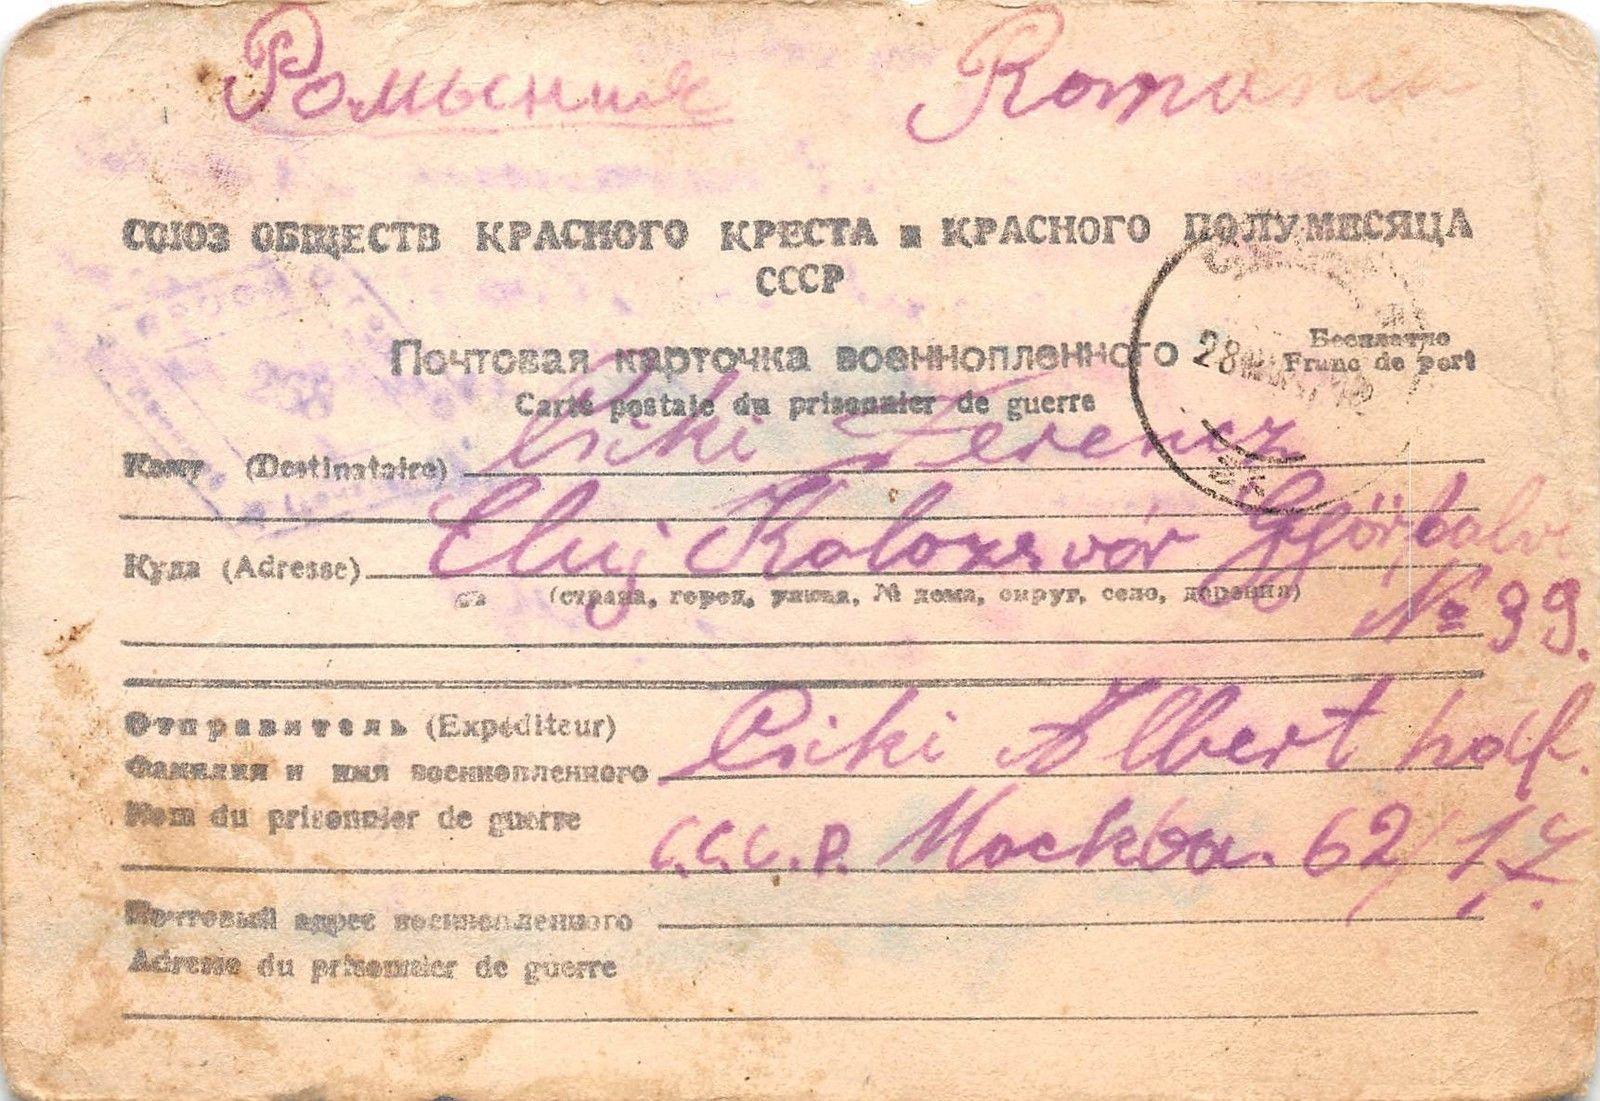 Carte Urss.B58864 Ww2 Carte Postale Prisonier Du Guerre 1948 Urss Russia